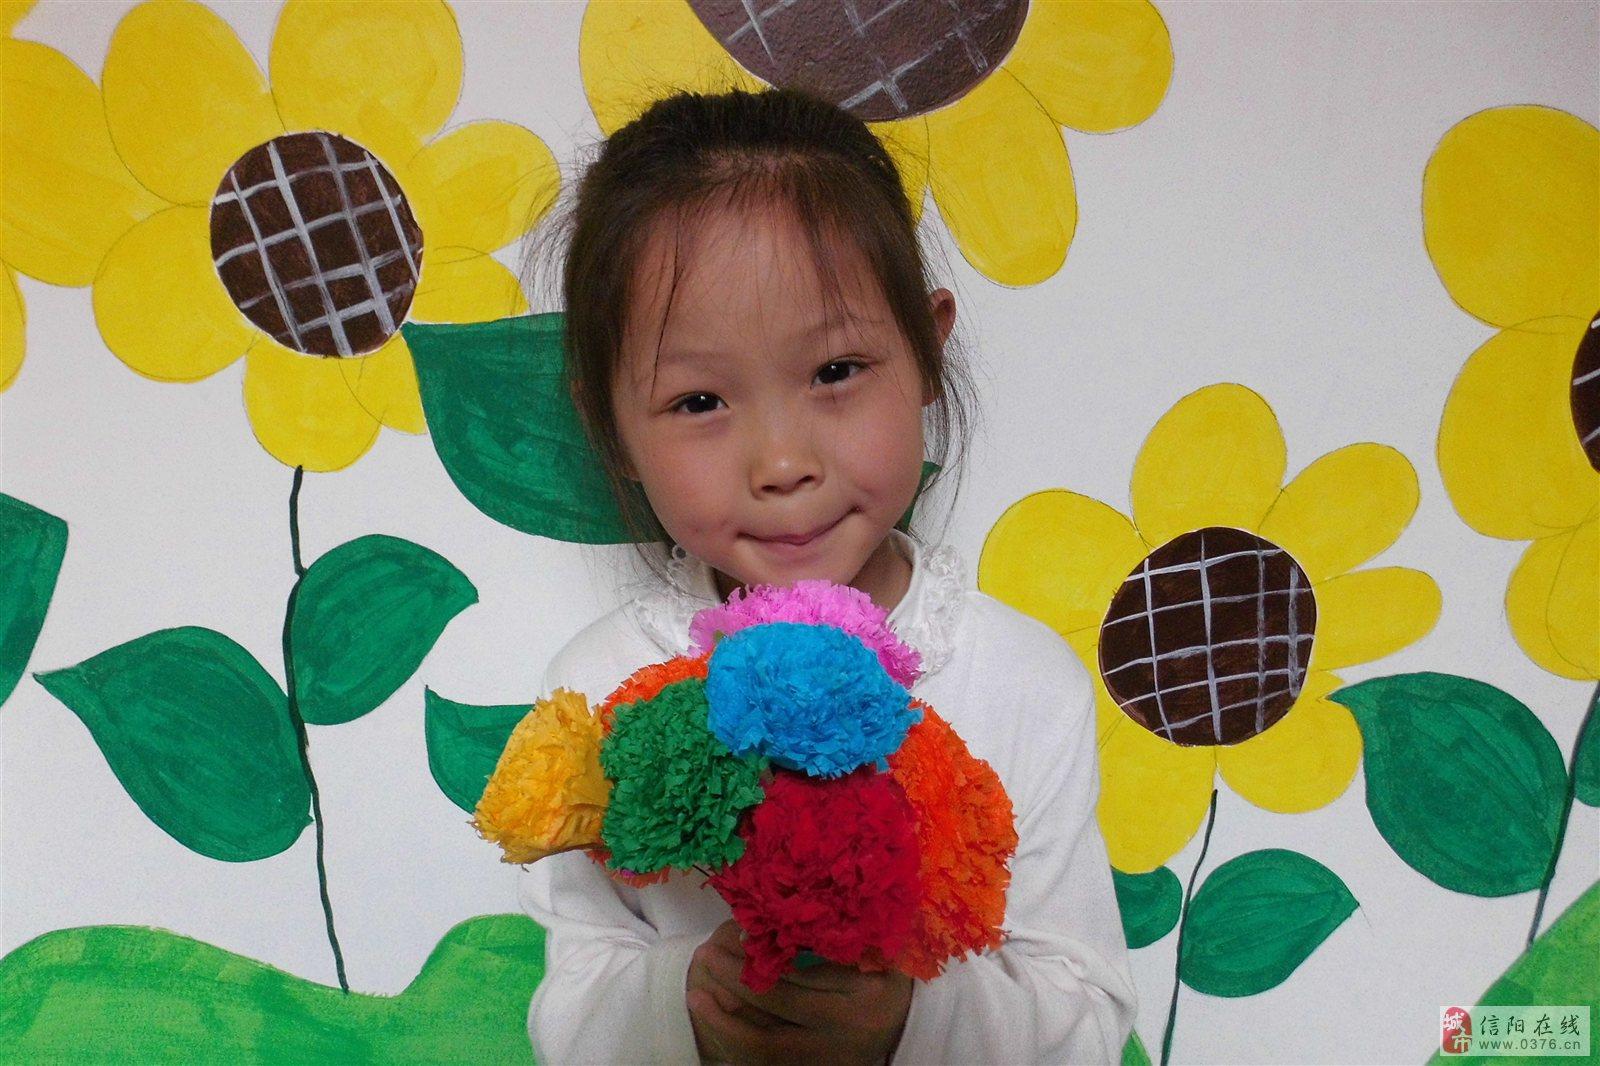 儿 园:新七路七彩虹幼儿园 家长寄语:希望宝宝能开心健康快乐的长大!